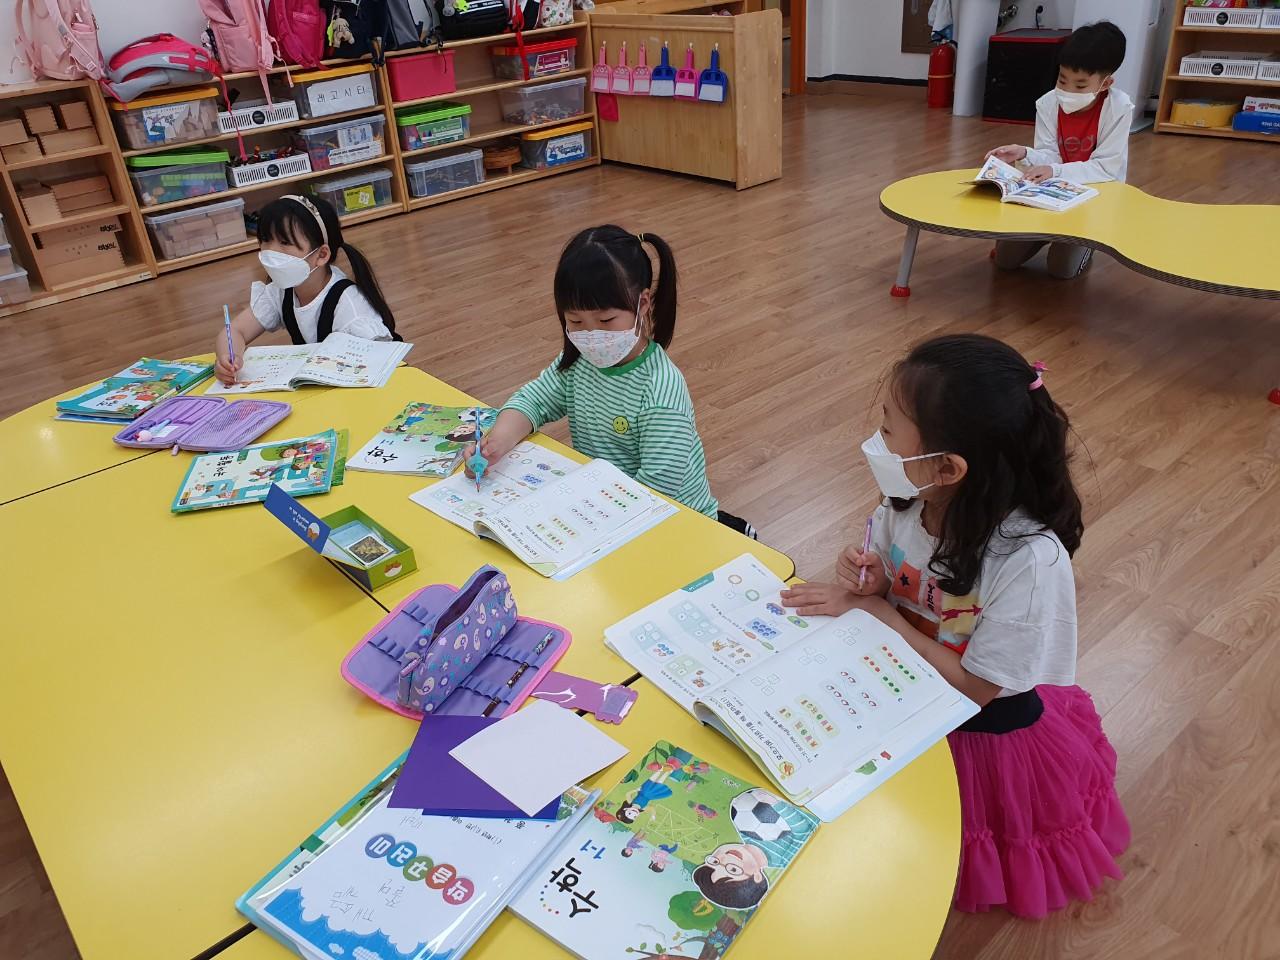 경북교육청, 초등 등교수업 시 돌봄공백 최소화 방안 마련